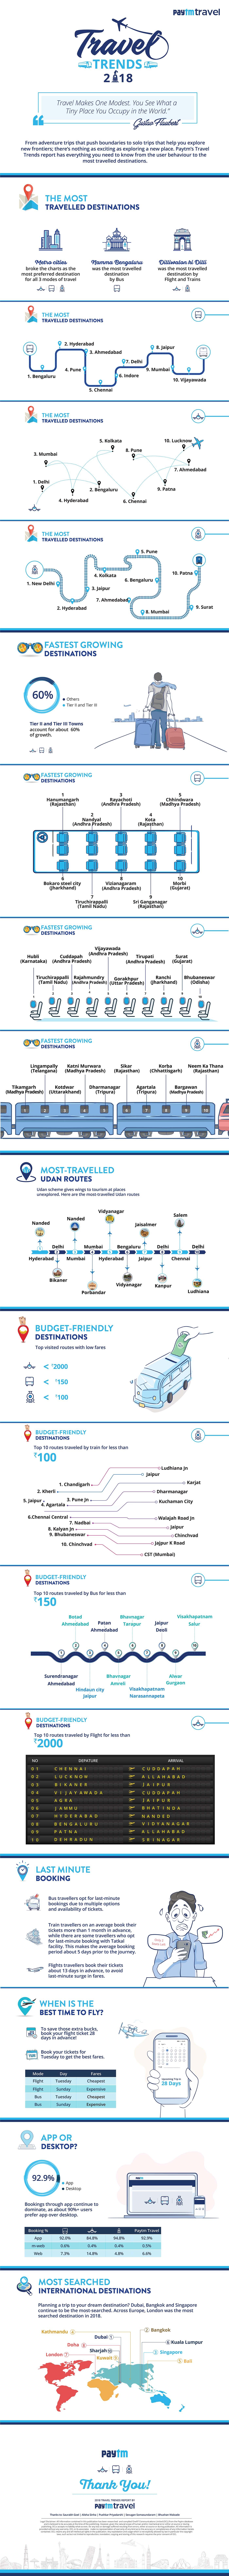 Paytm Travel Trend 2018